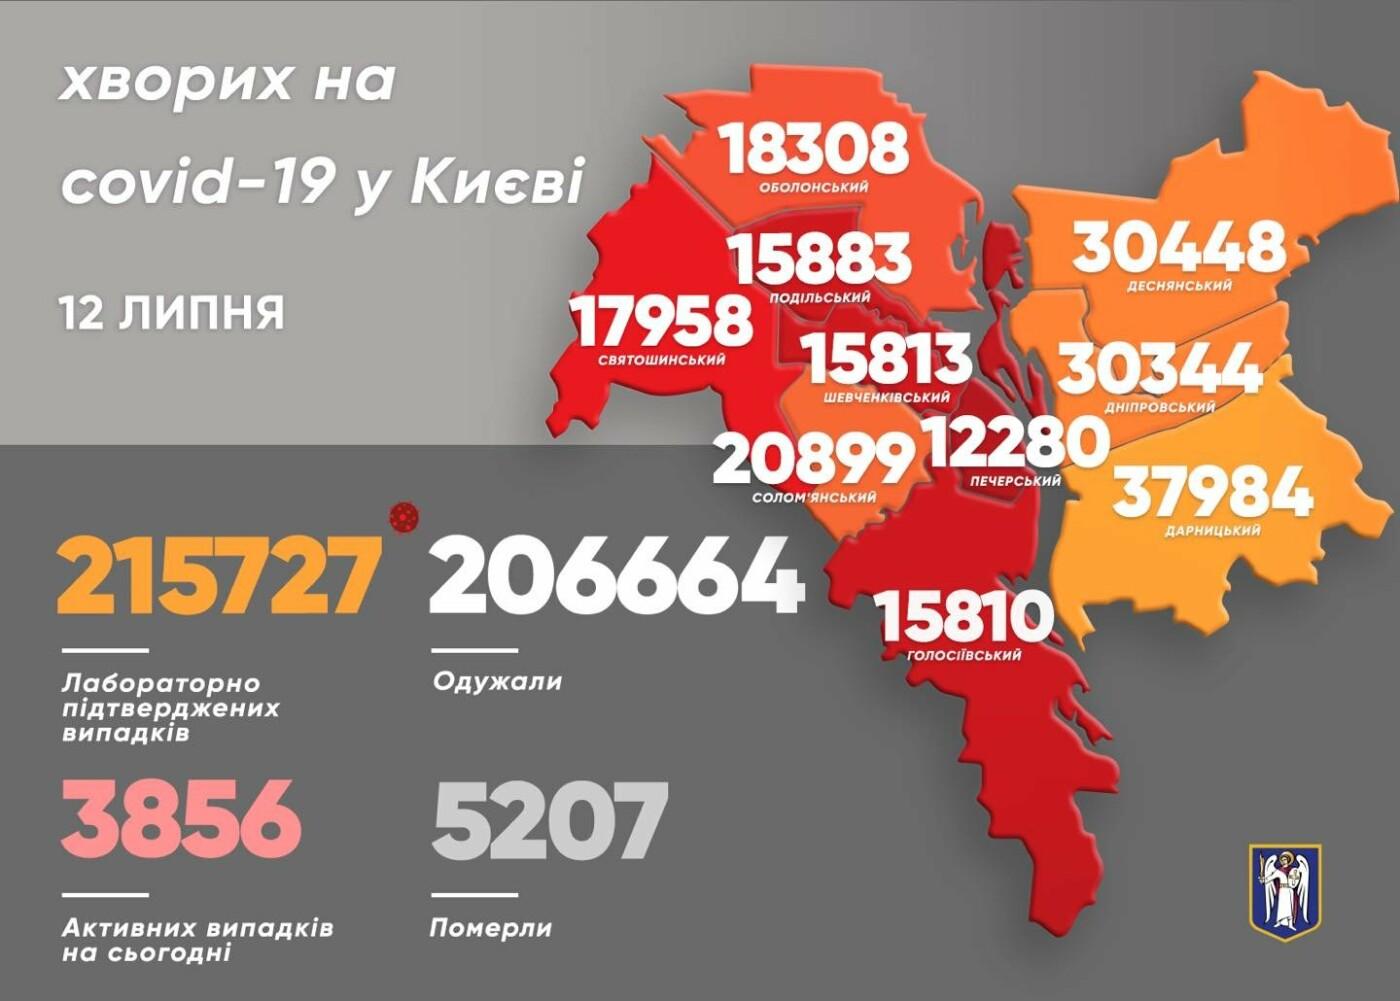 Статистика на 12 июля, Картинка: Виталий Кличко